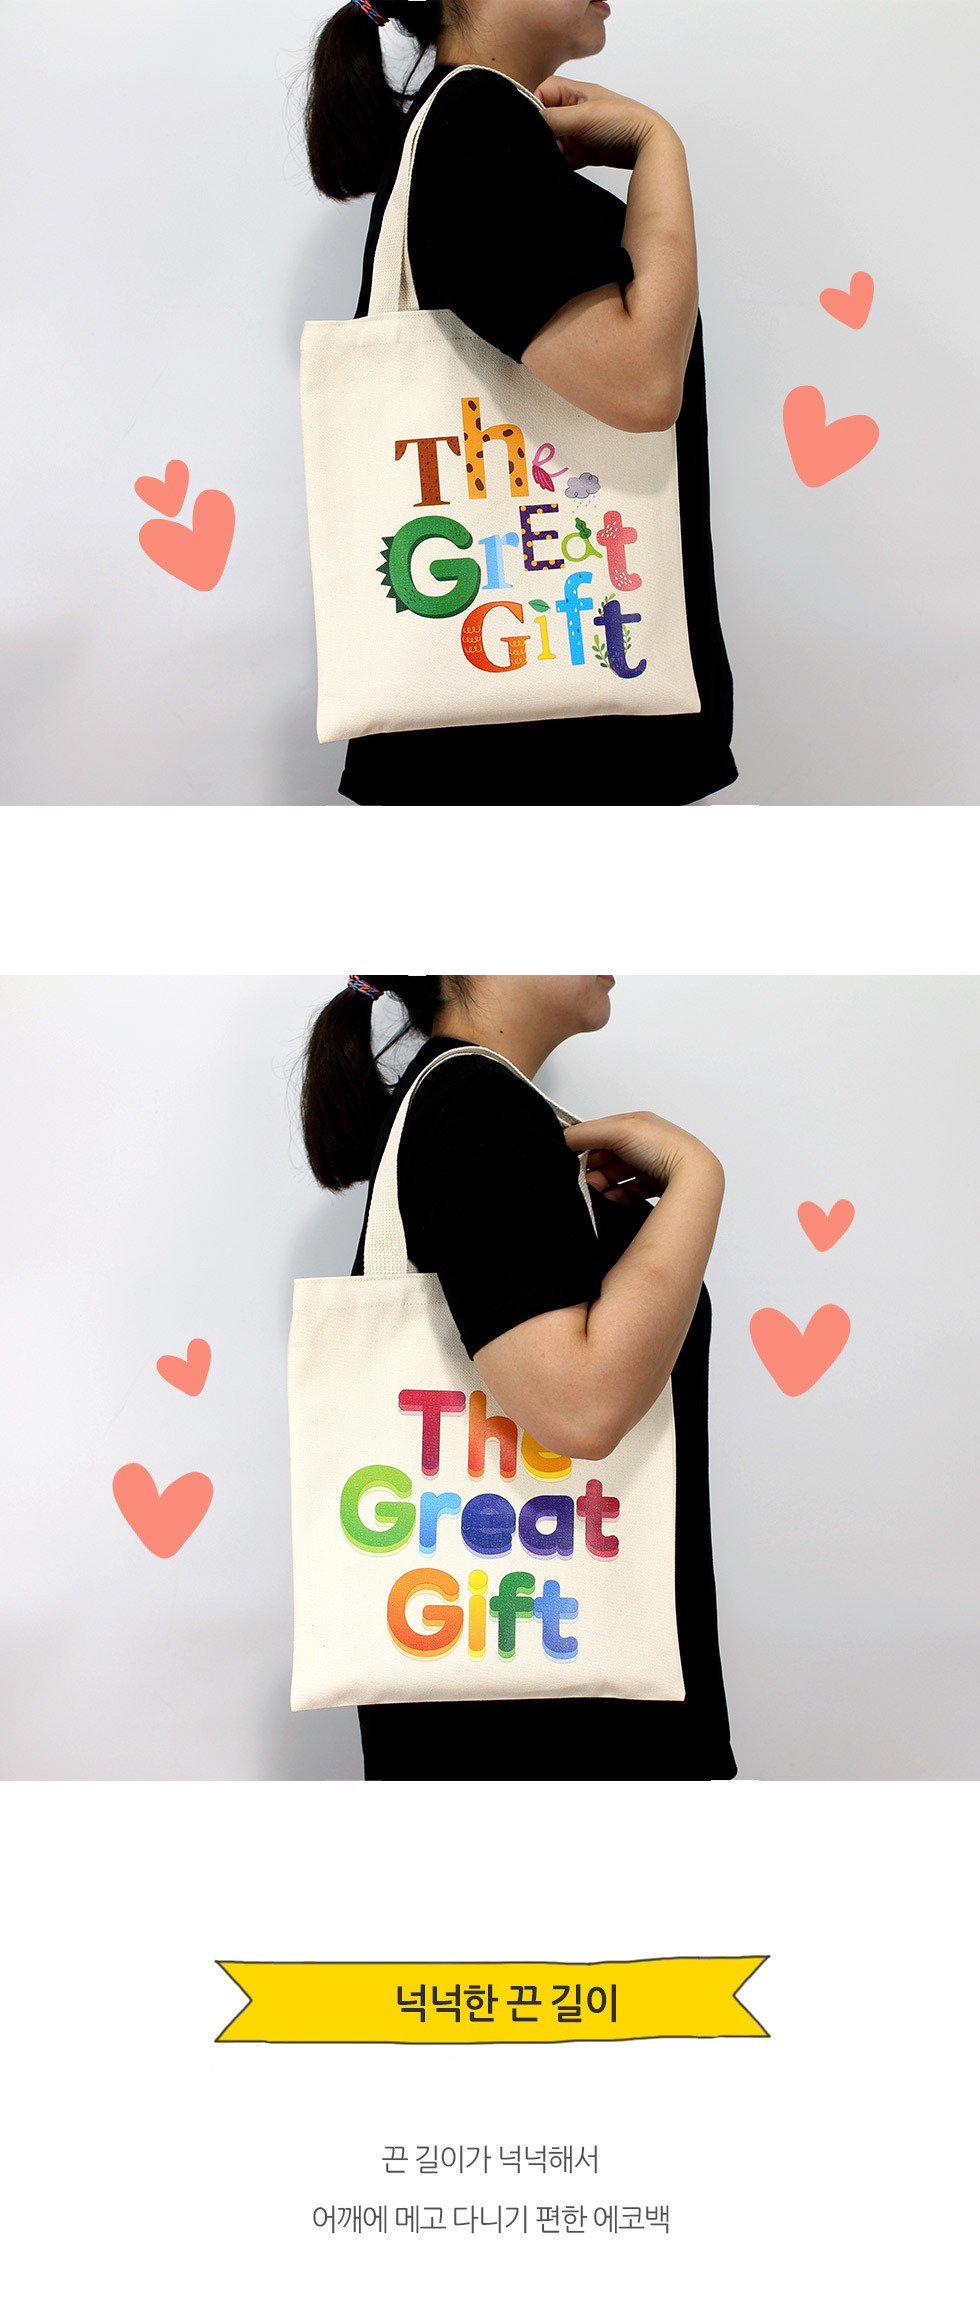 메시지 에코백 The Great Gift (더그레이트기프트) 위대한 선물, 예장합동 넉넉한 끈 길이